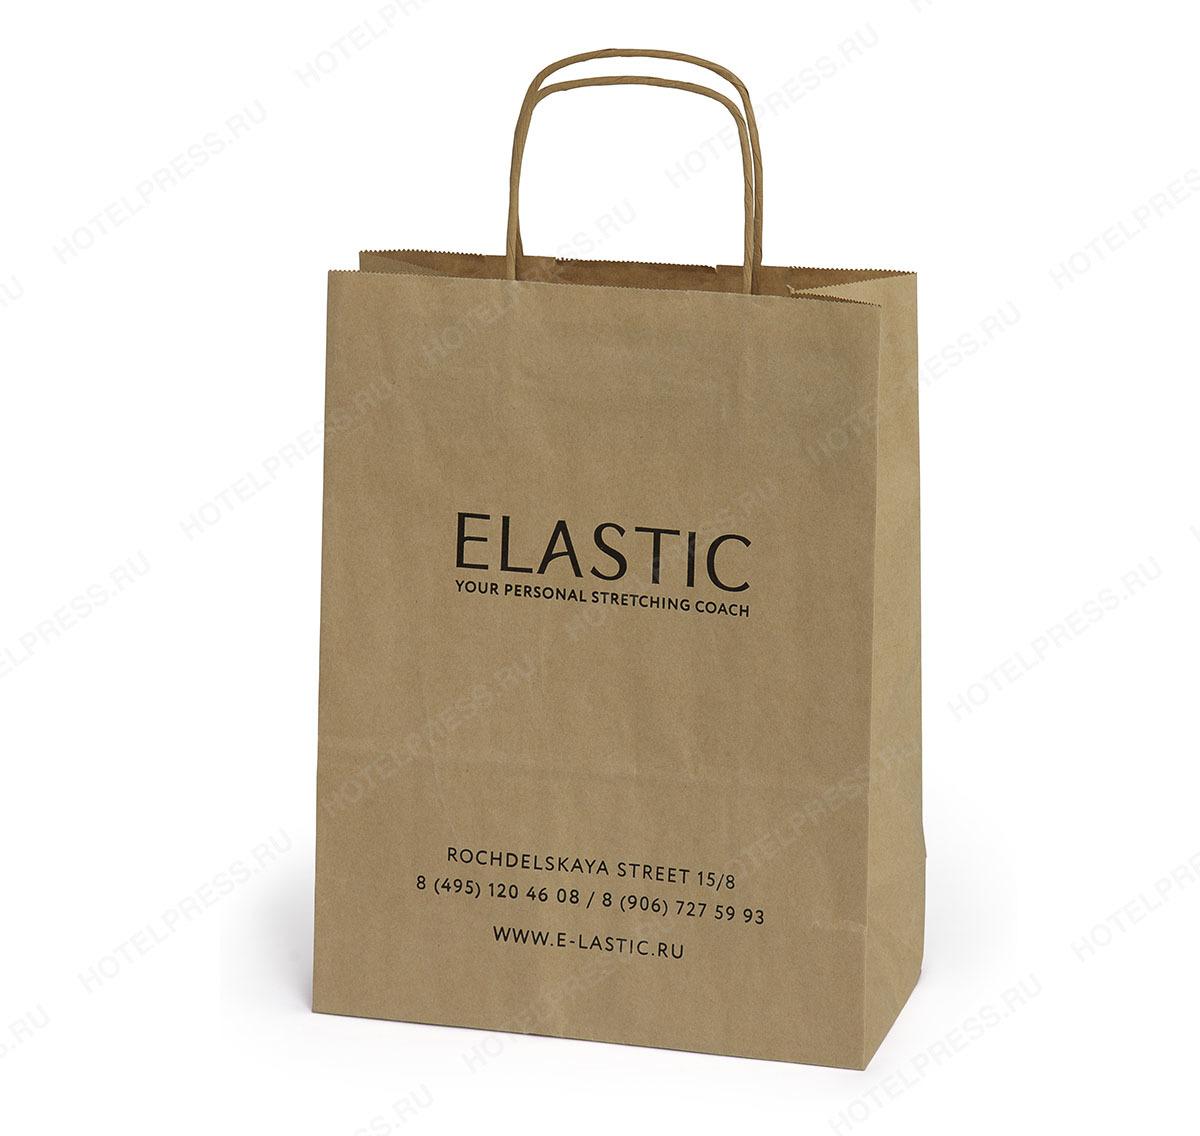 Крафтовый пакет с крученными ручками компании ELASTIC